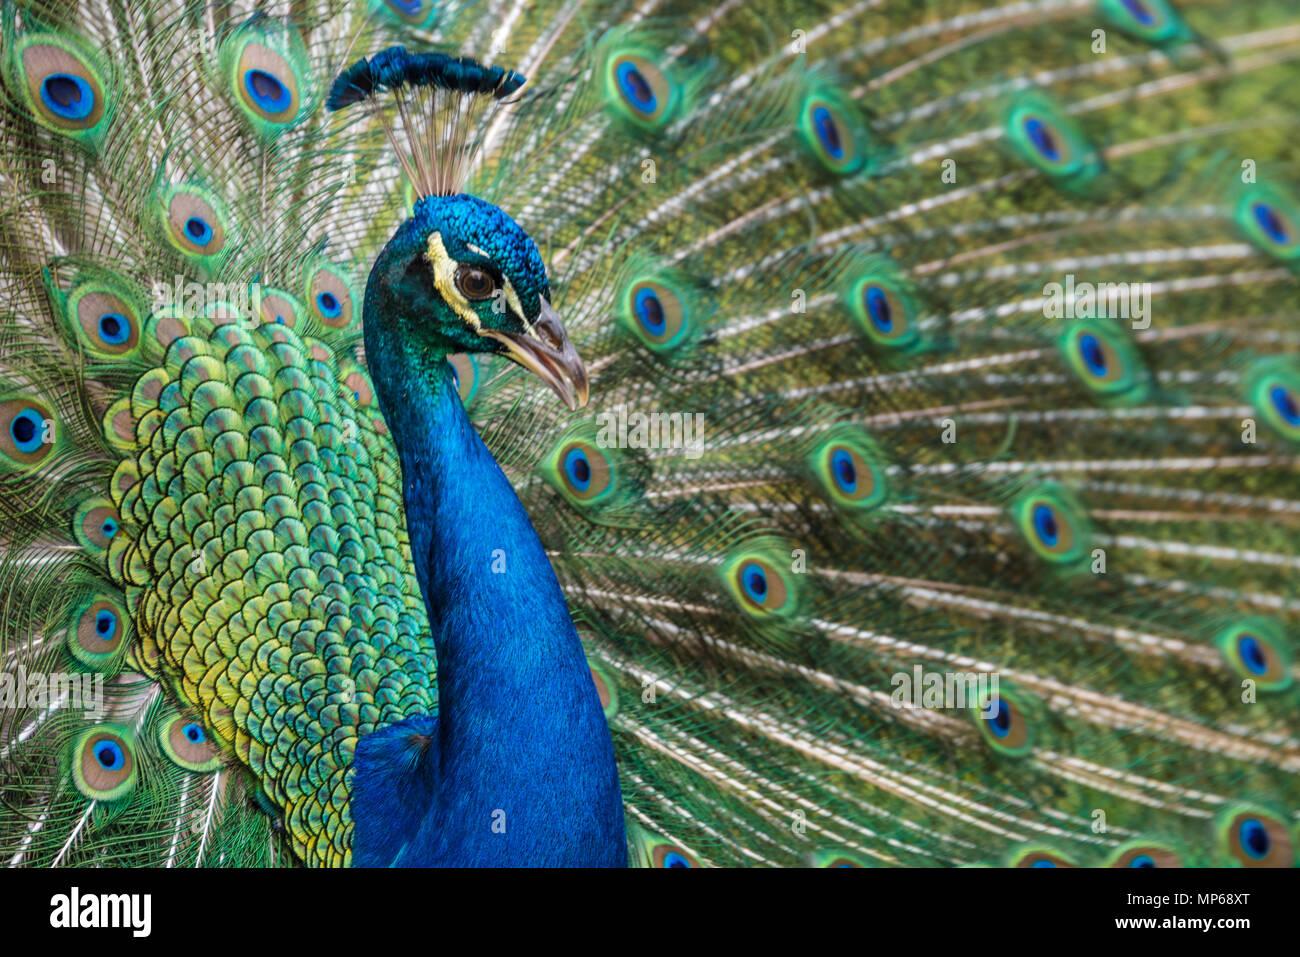 Indisch Blau Pfau mit lebendigen schillerndes Gefieder in voller Anzeige an Ponce de Leon's Jungbrunnen Archäologischen Park in St. Augustine, Florida. Stockbild